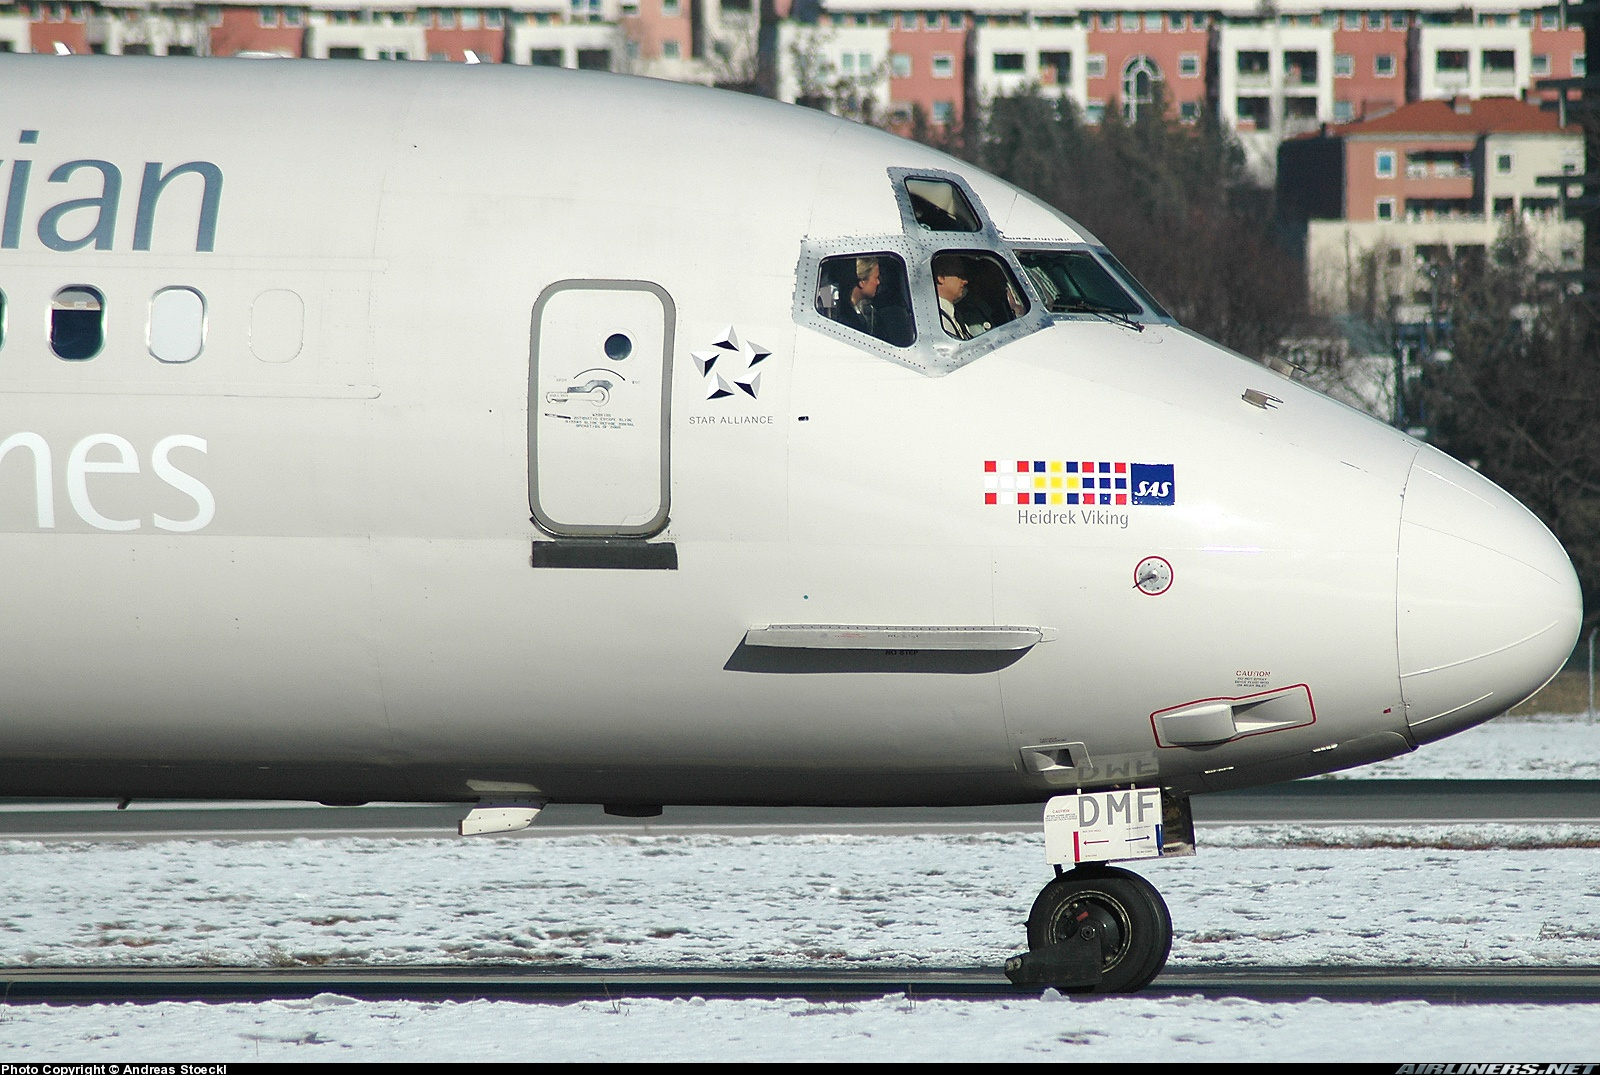 727, le plus beau après le A350 180701023749682630